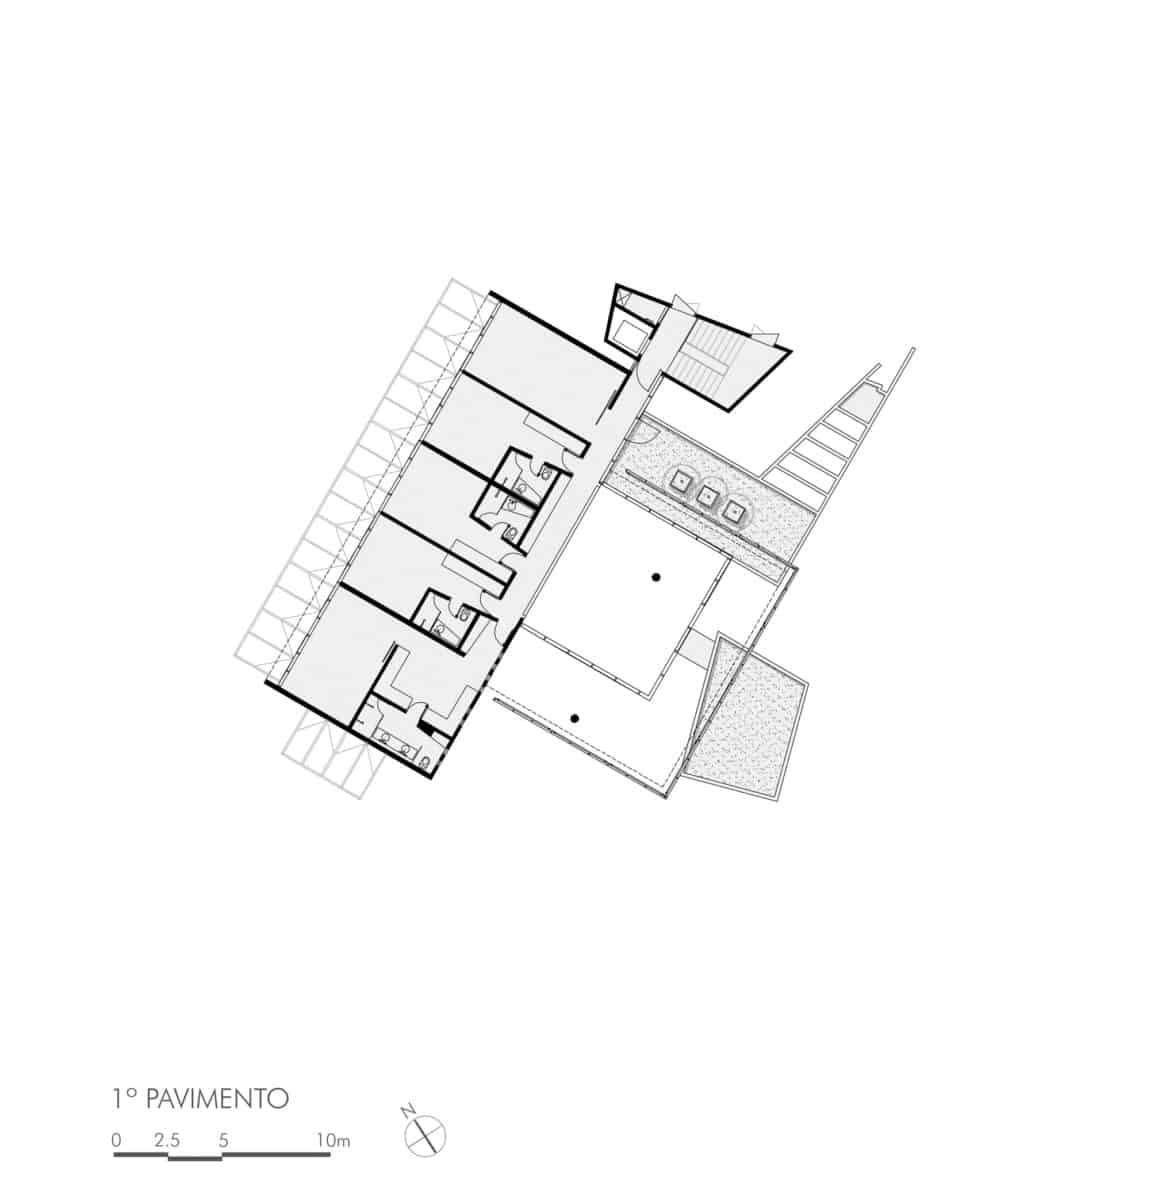 House in Lago Sul QI 25 by Sérgio Parada Arquitetos (18)